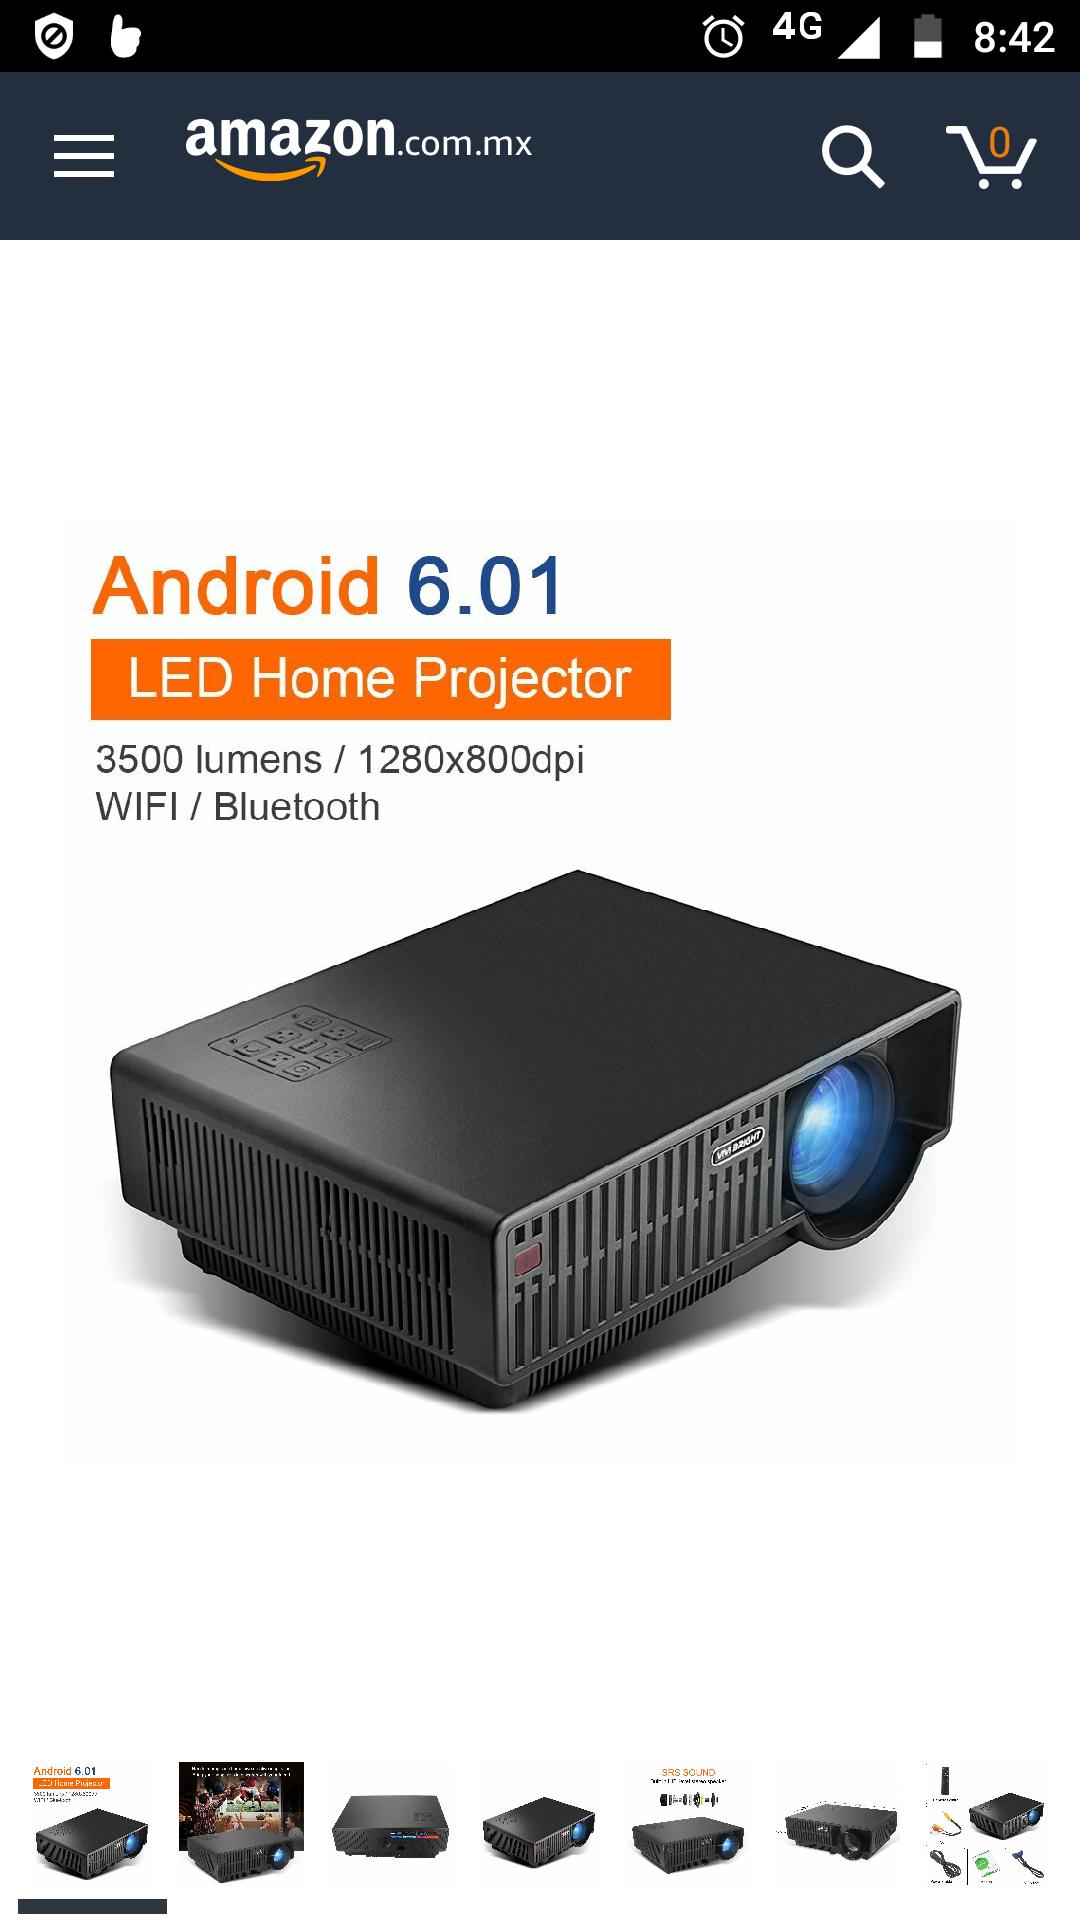 Amazon: newpal np90C Wireless WiFi Smart proyector con Andriod 6.01280P Resolución HD Proyector LED Soporte para parte frontal, trasera y proyección Modo de techo, NP90CWIFI